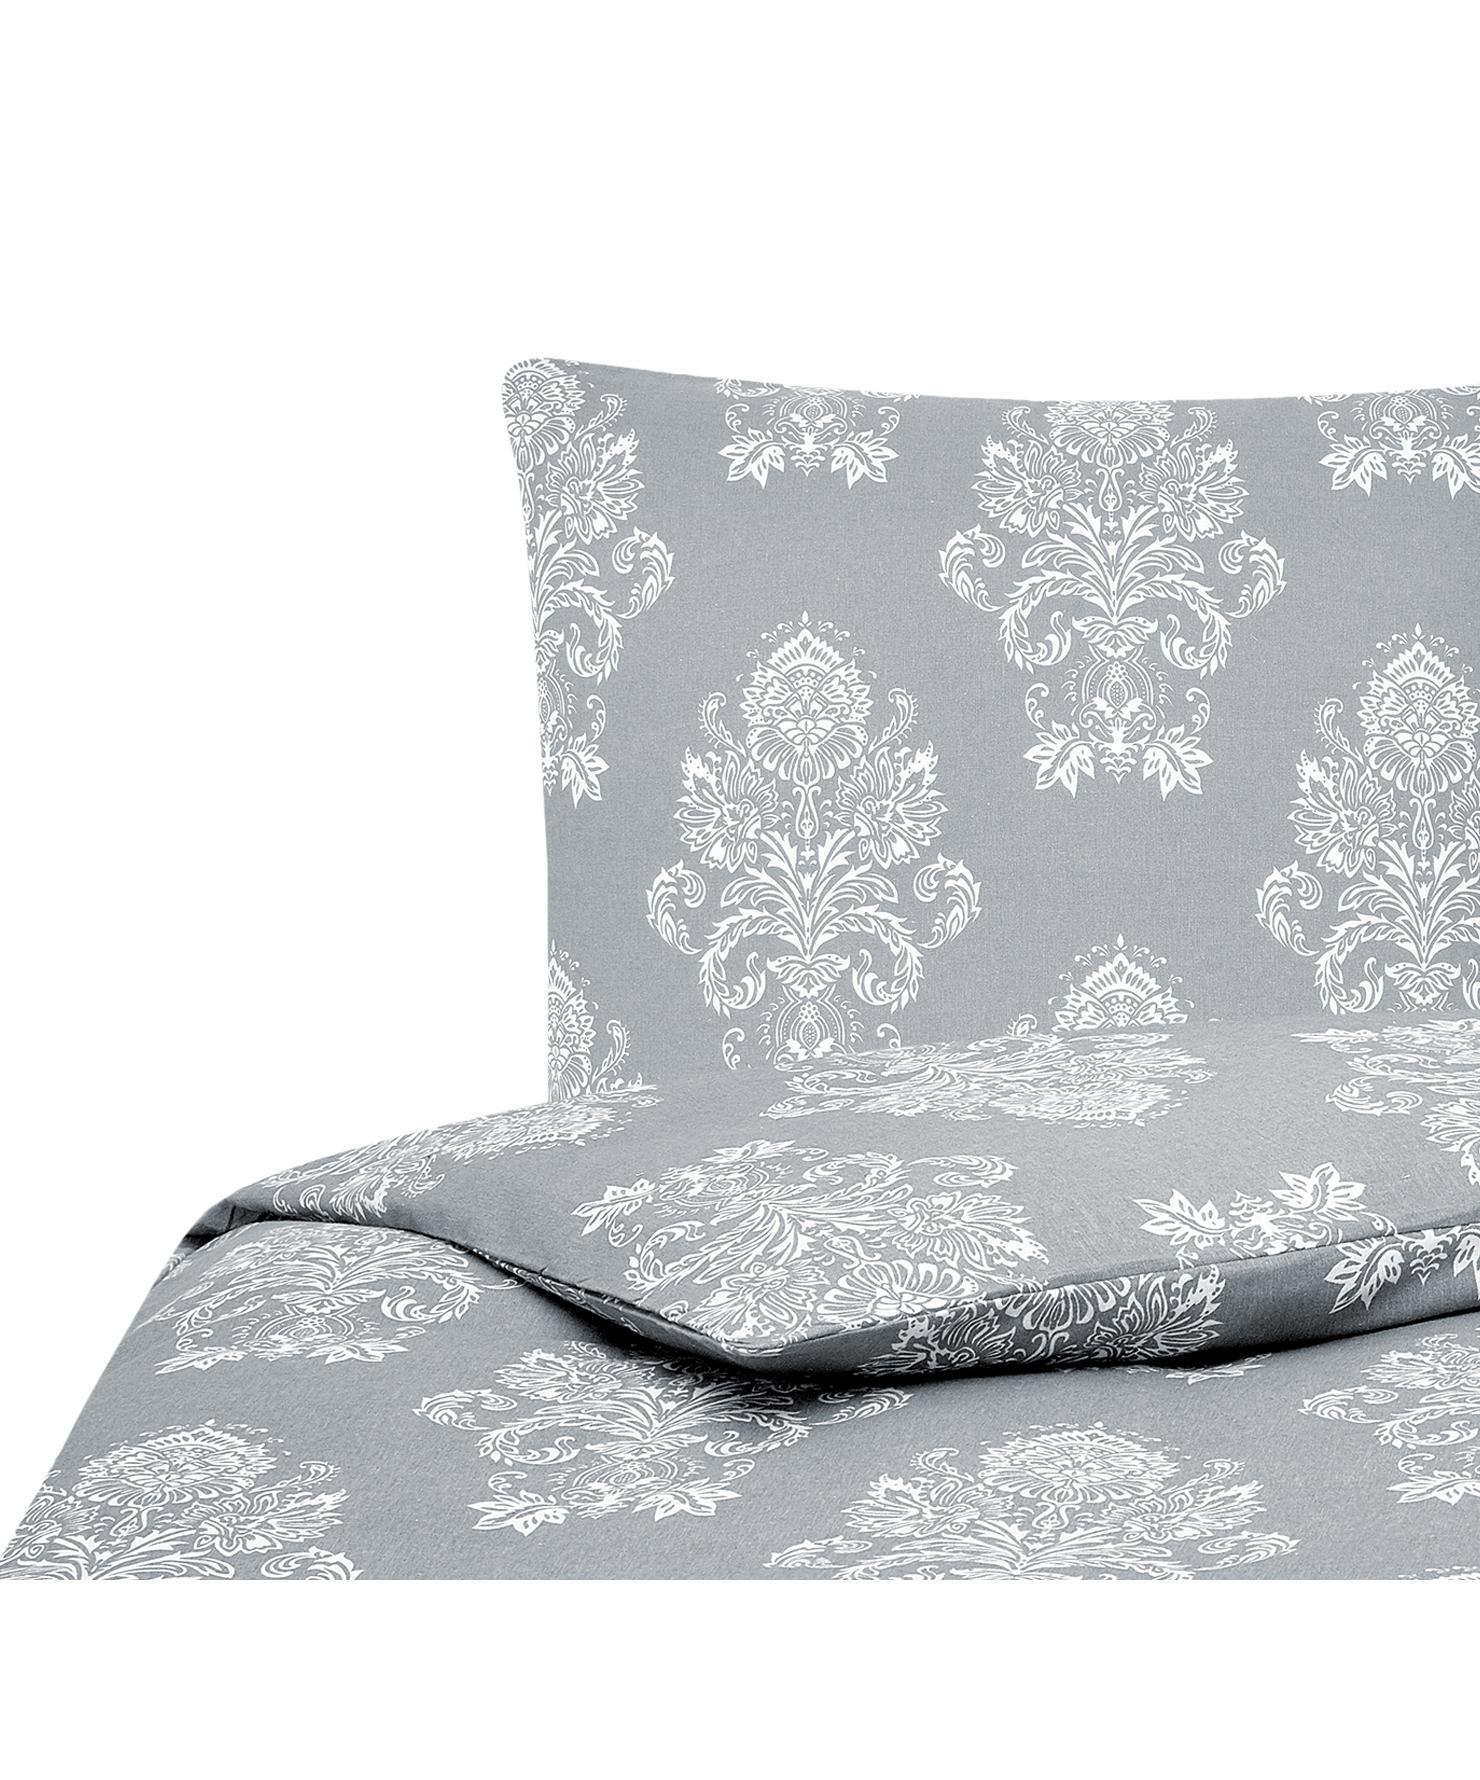 Flanell-Bettwäsche Sissi, gemustert, Webart: Flanell, Grau, Weiß, 135 x 200 cm + 1 Kissen 80 x 80 cm